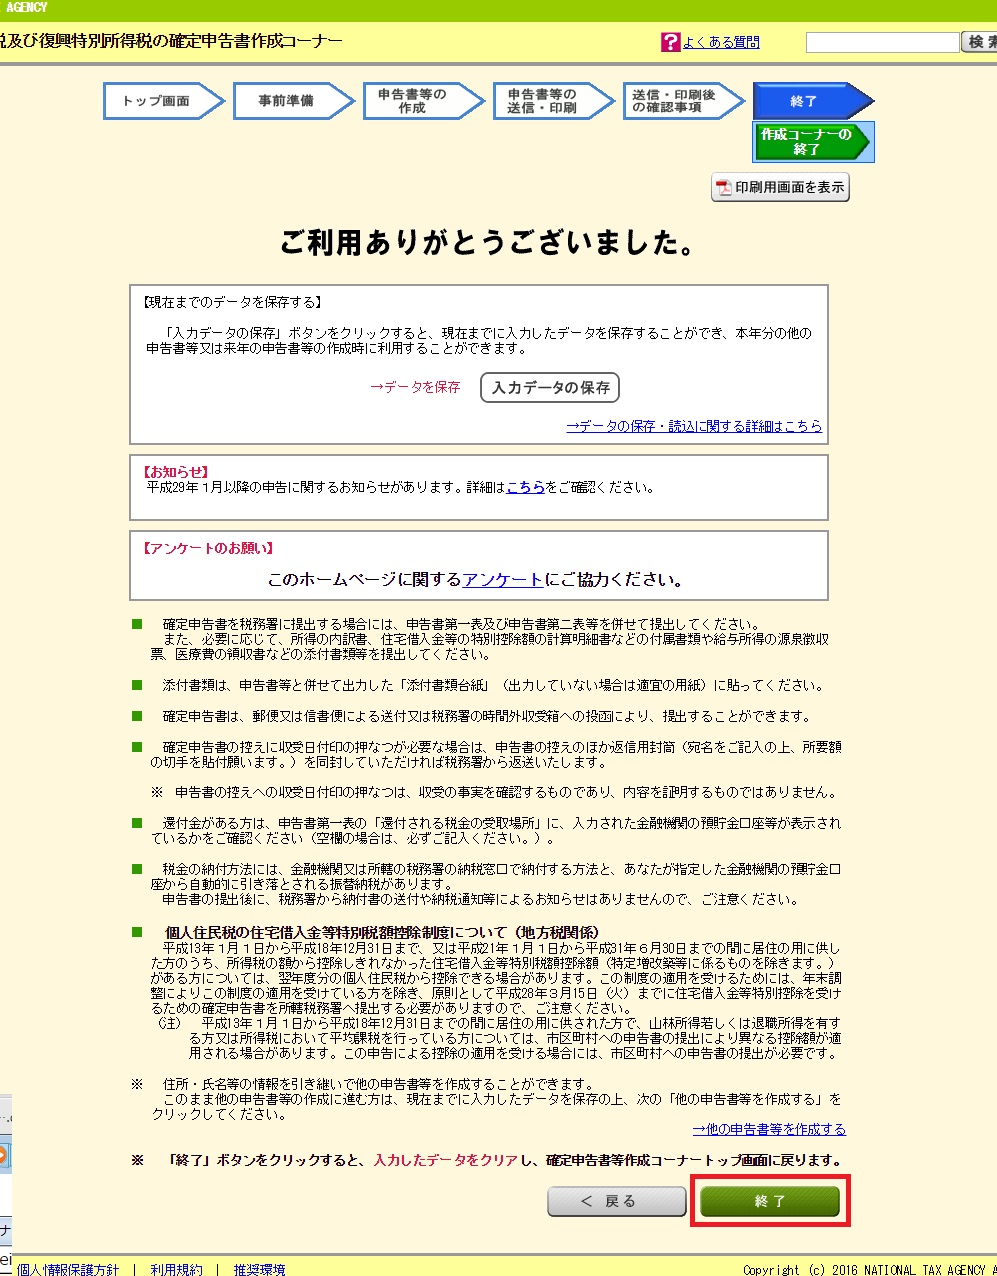 ワニ銀確定申告税務署ホームページ29